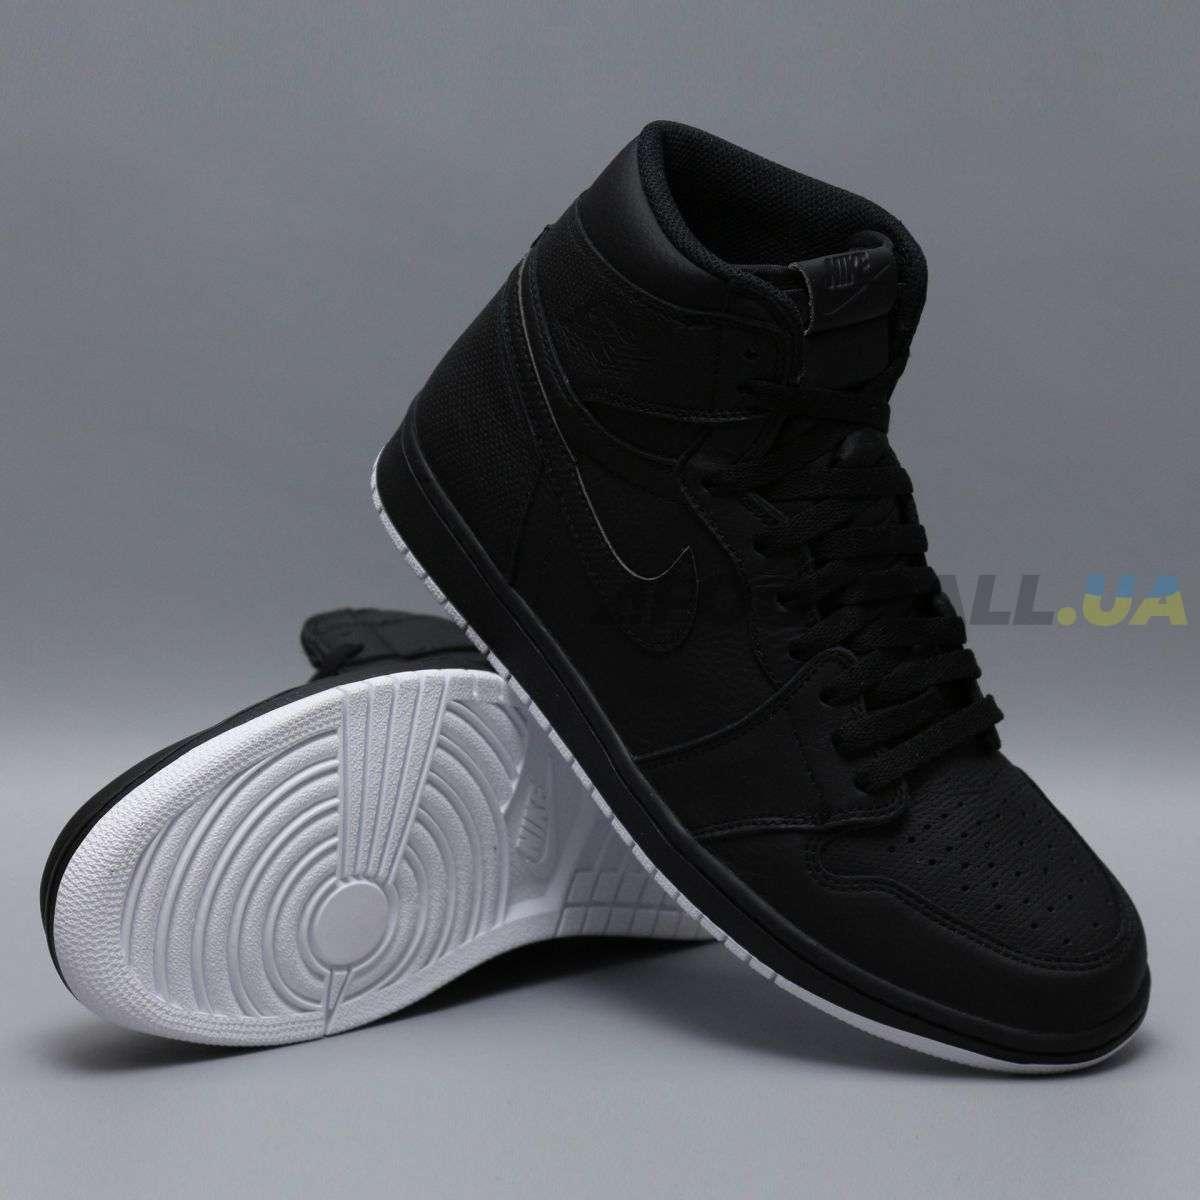 Баскетбольные кроссовки NIKE Air Jordan 1 High Blackout 555088-002 ... 7008deeced9